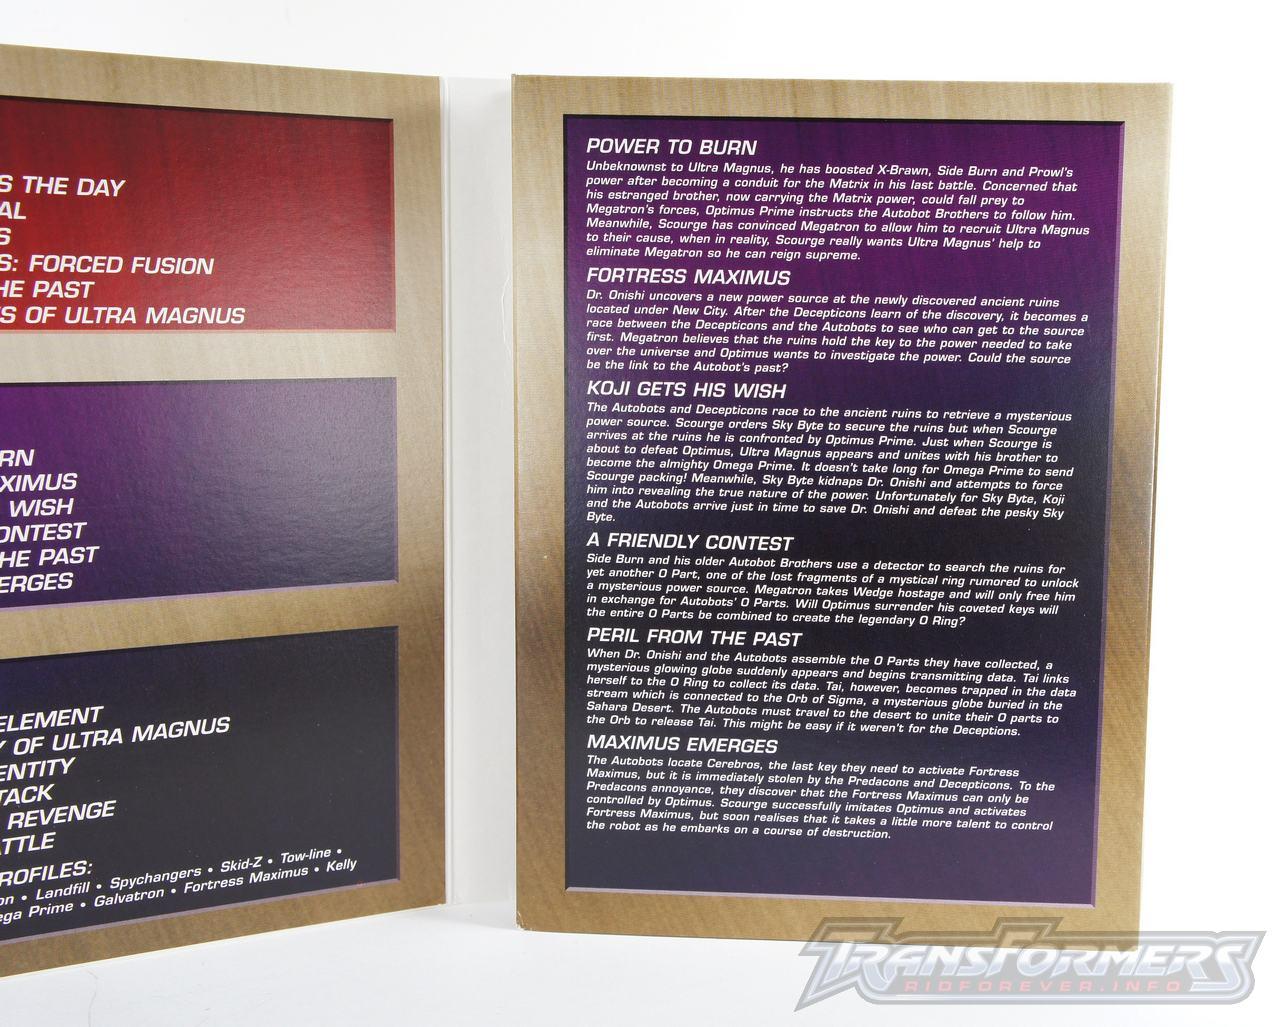 UK RID Boxset 1 Vol 2-012